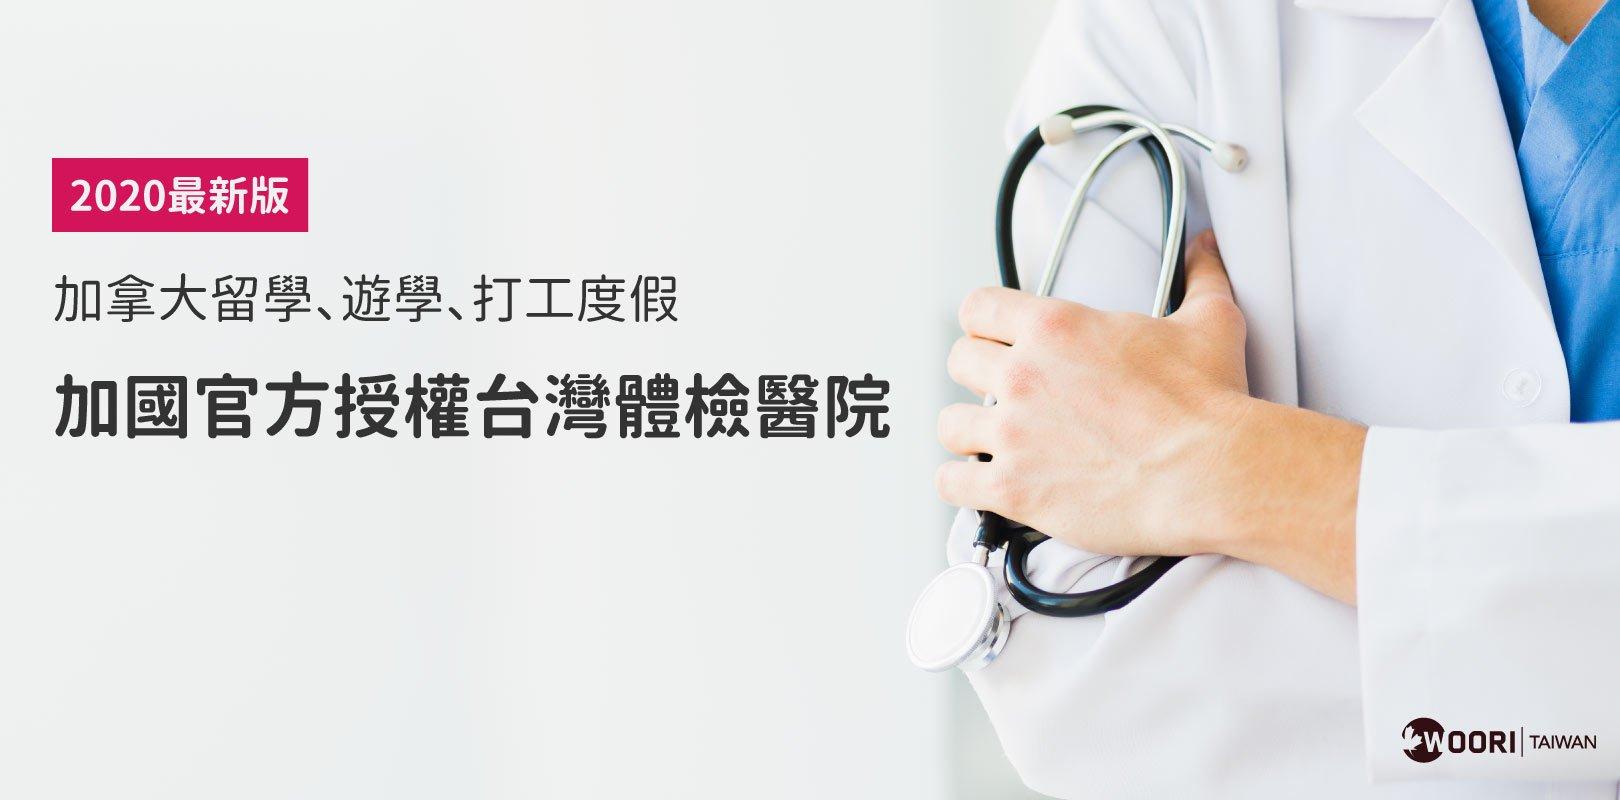 打工度假體檢醫院